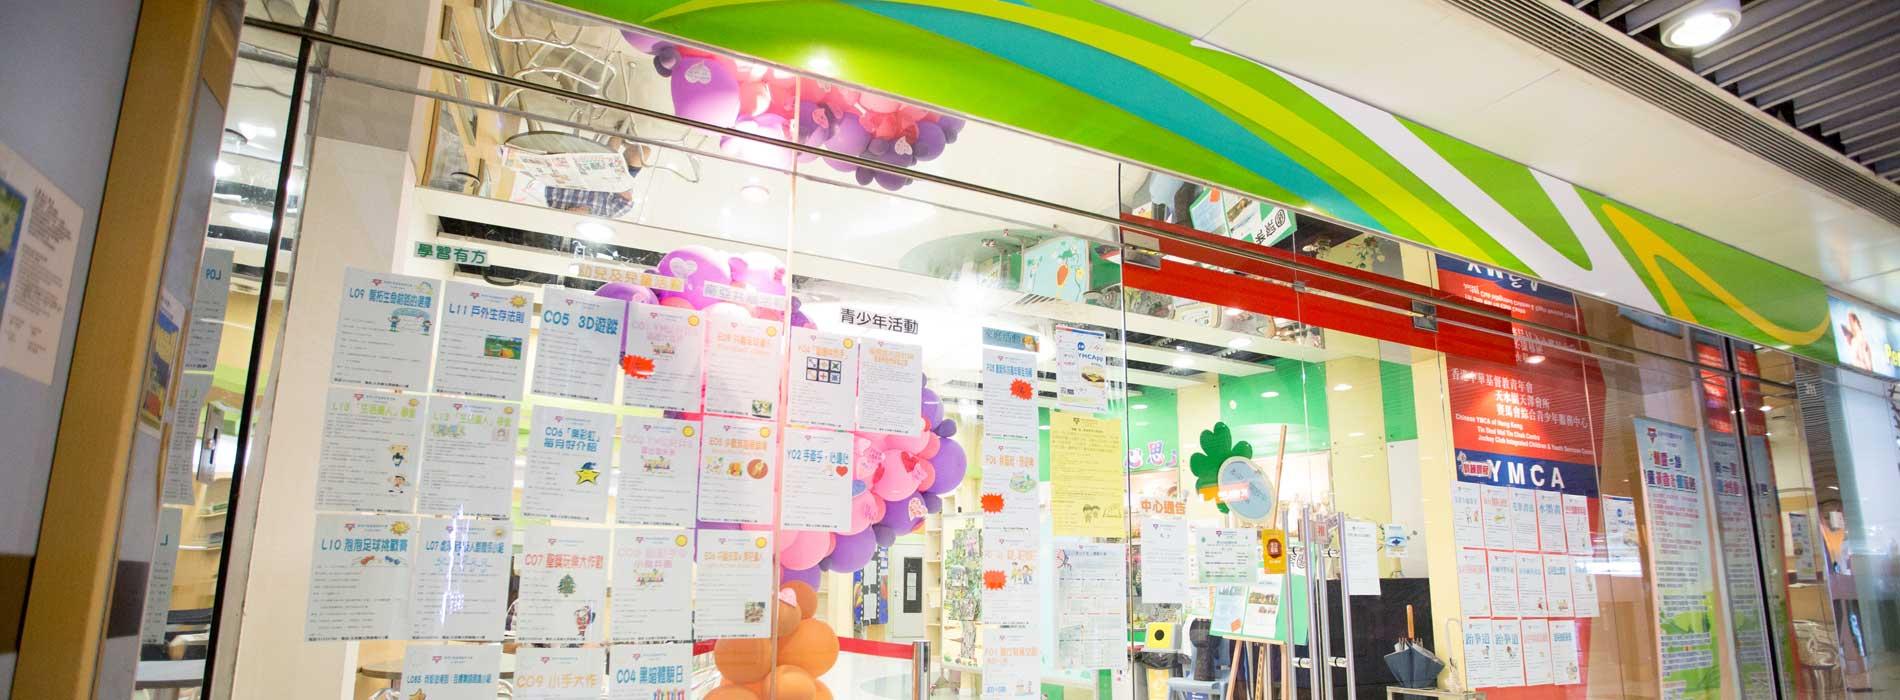 Tin Shui Wai Tin Chak Centre Our Service